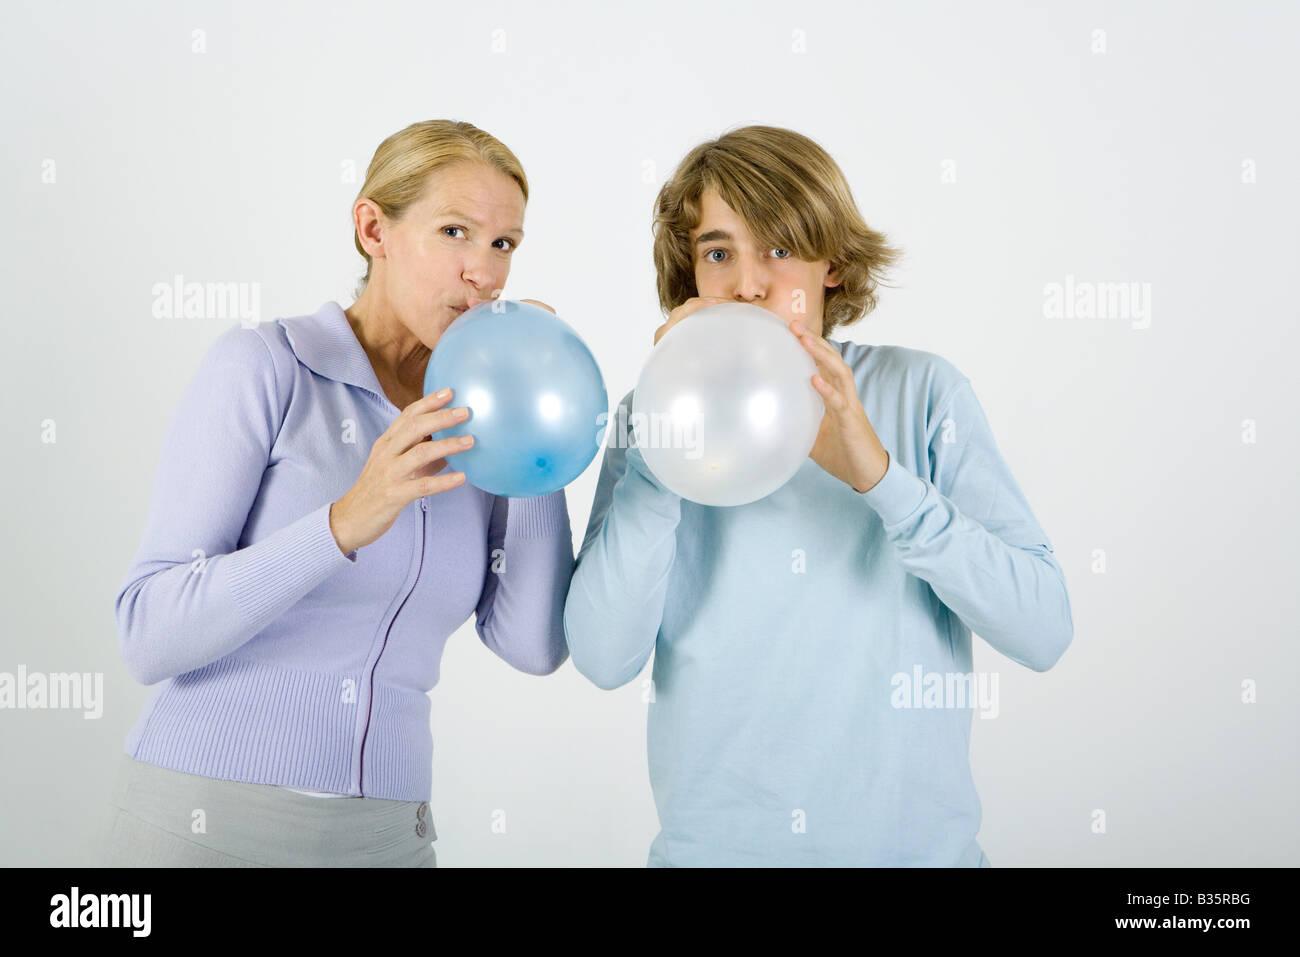 La madre y el hijo adolescente de pie al lado de la otra, inflando globos, mirando a la cámara Imagen De Stock